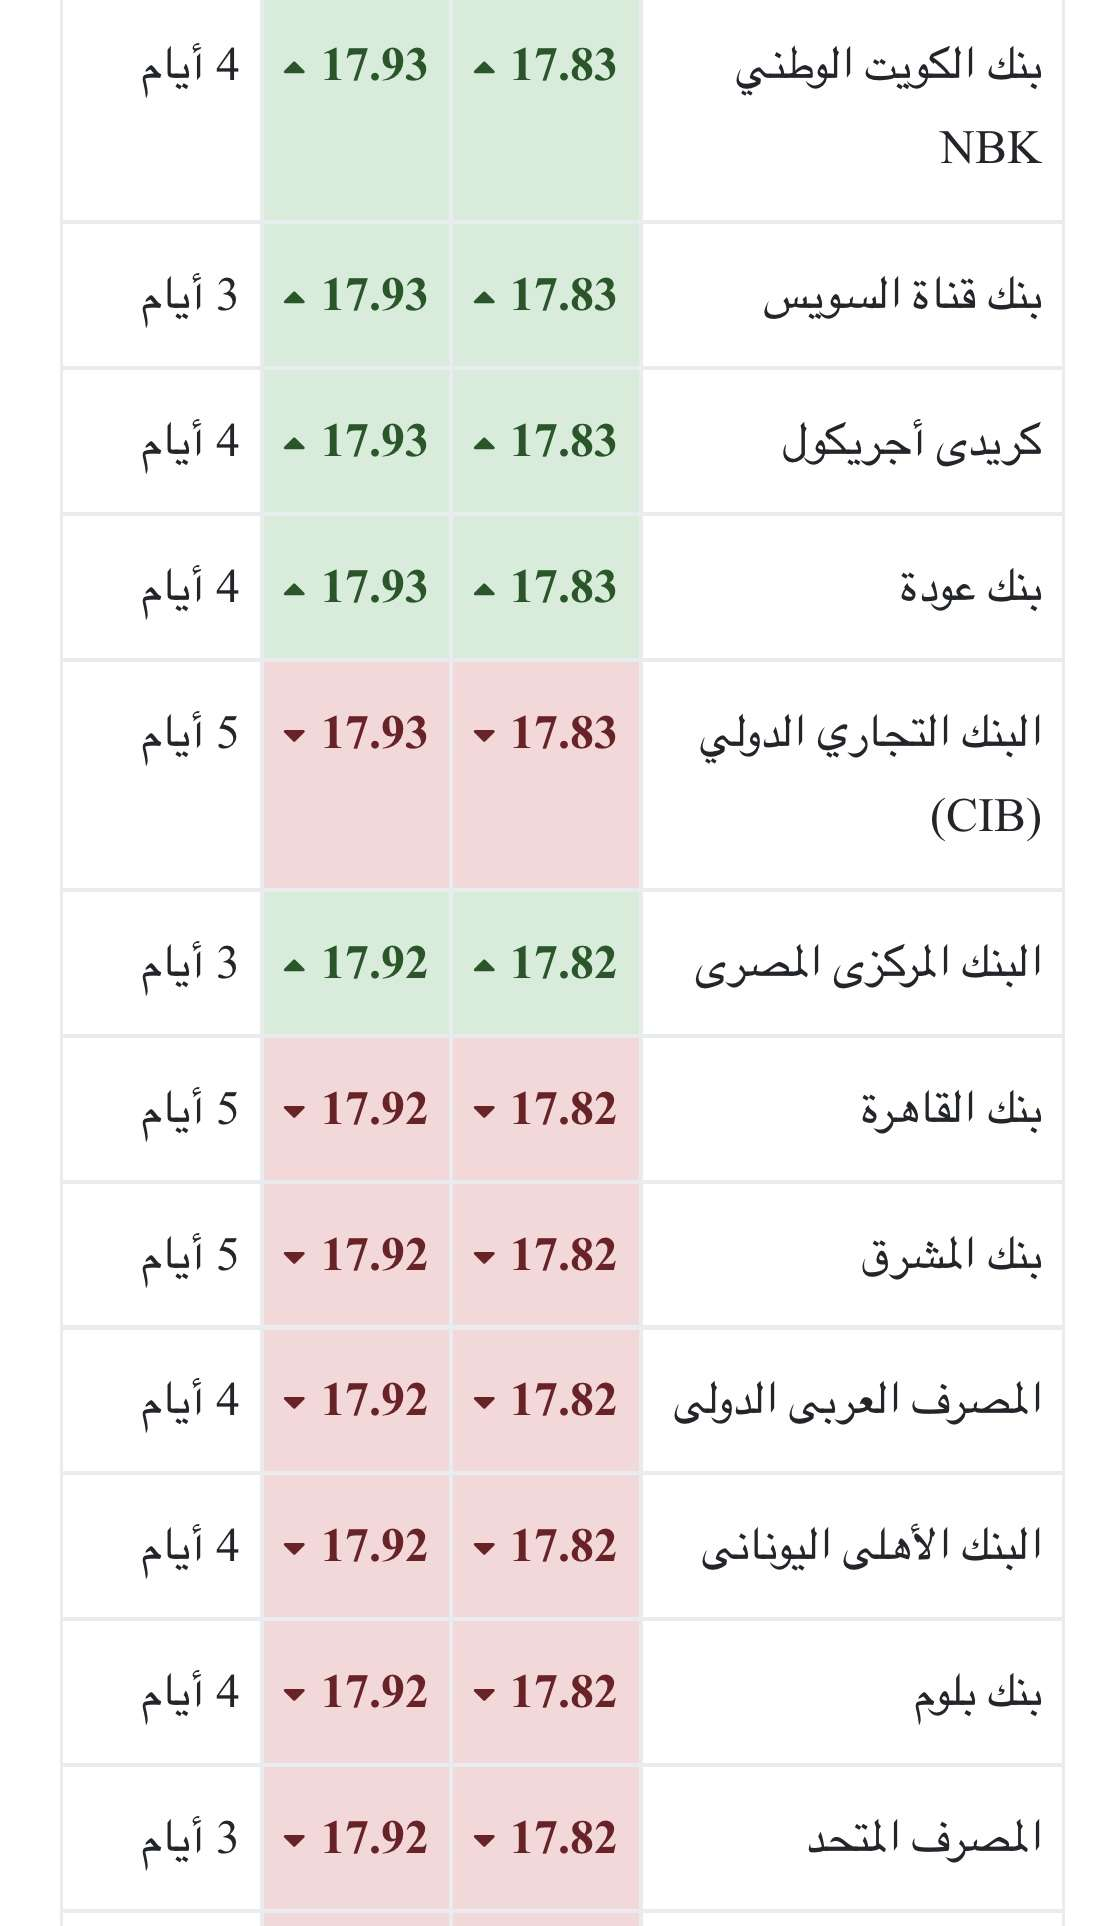 سعر الدولار اليوم الأحد 5-8-2018 بالبنوك المصرية والسوق السوداء